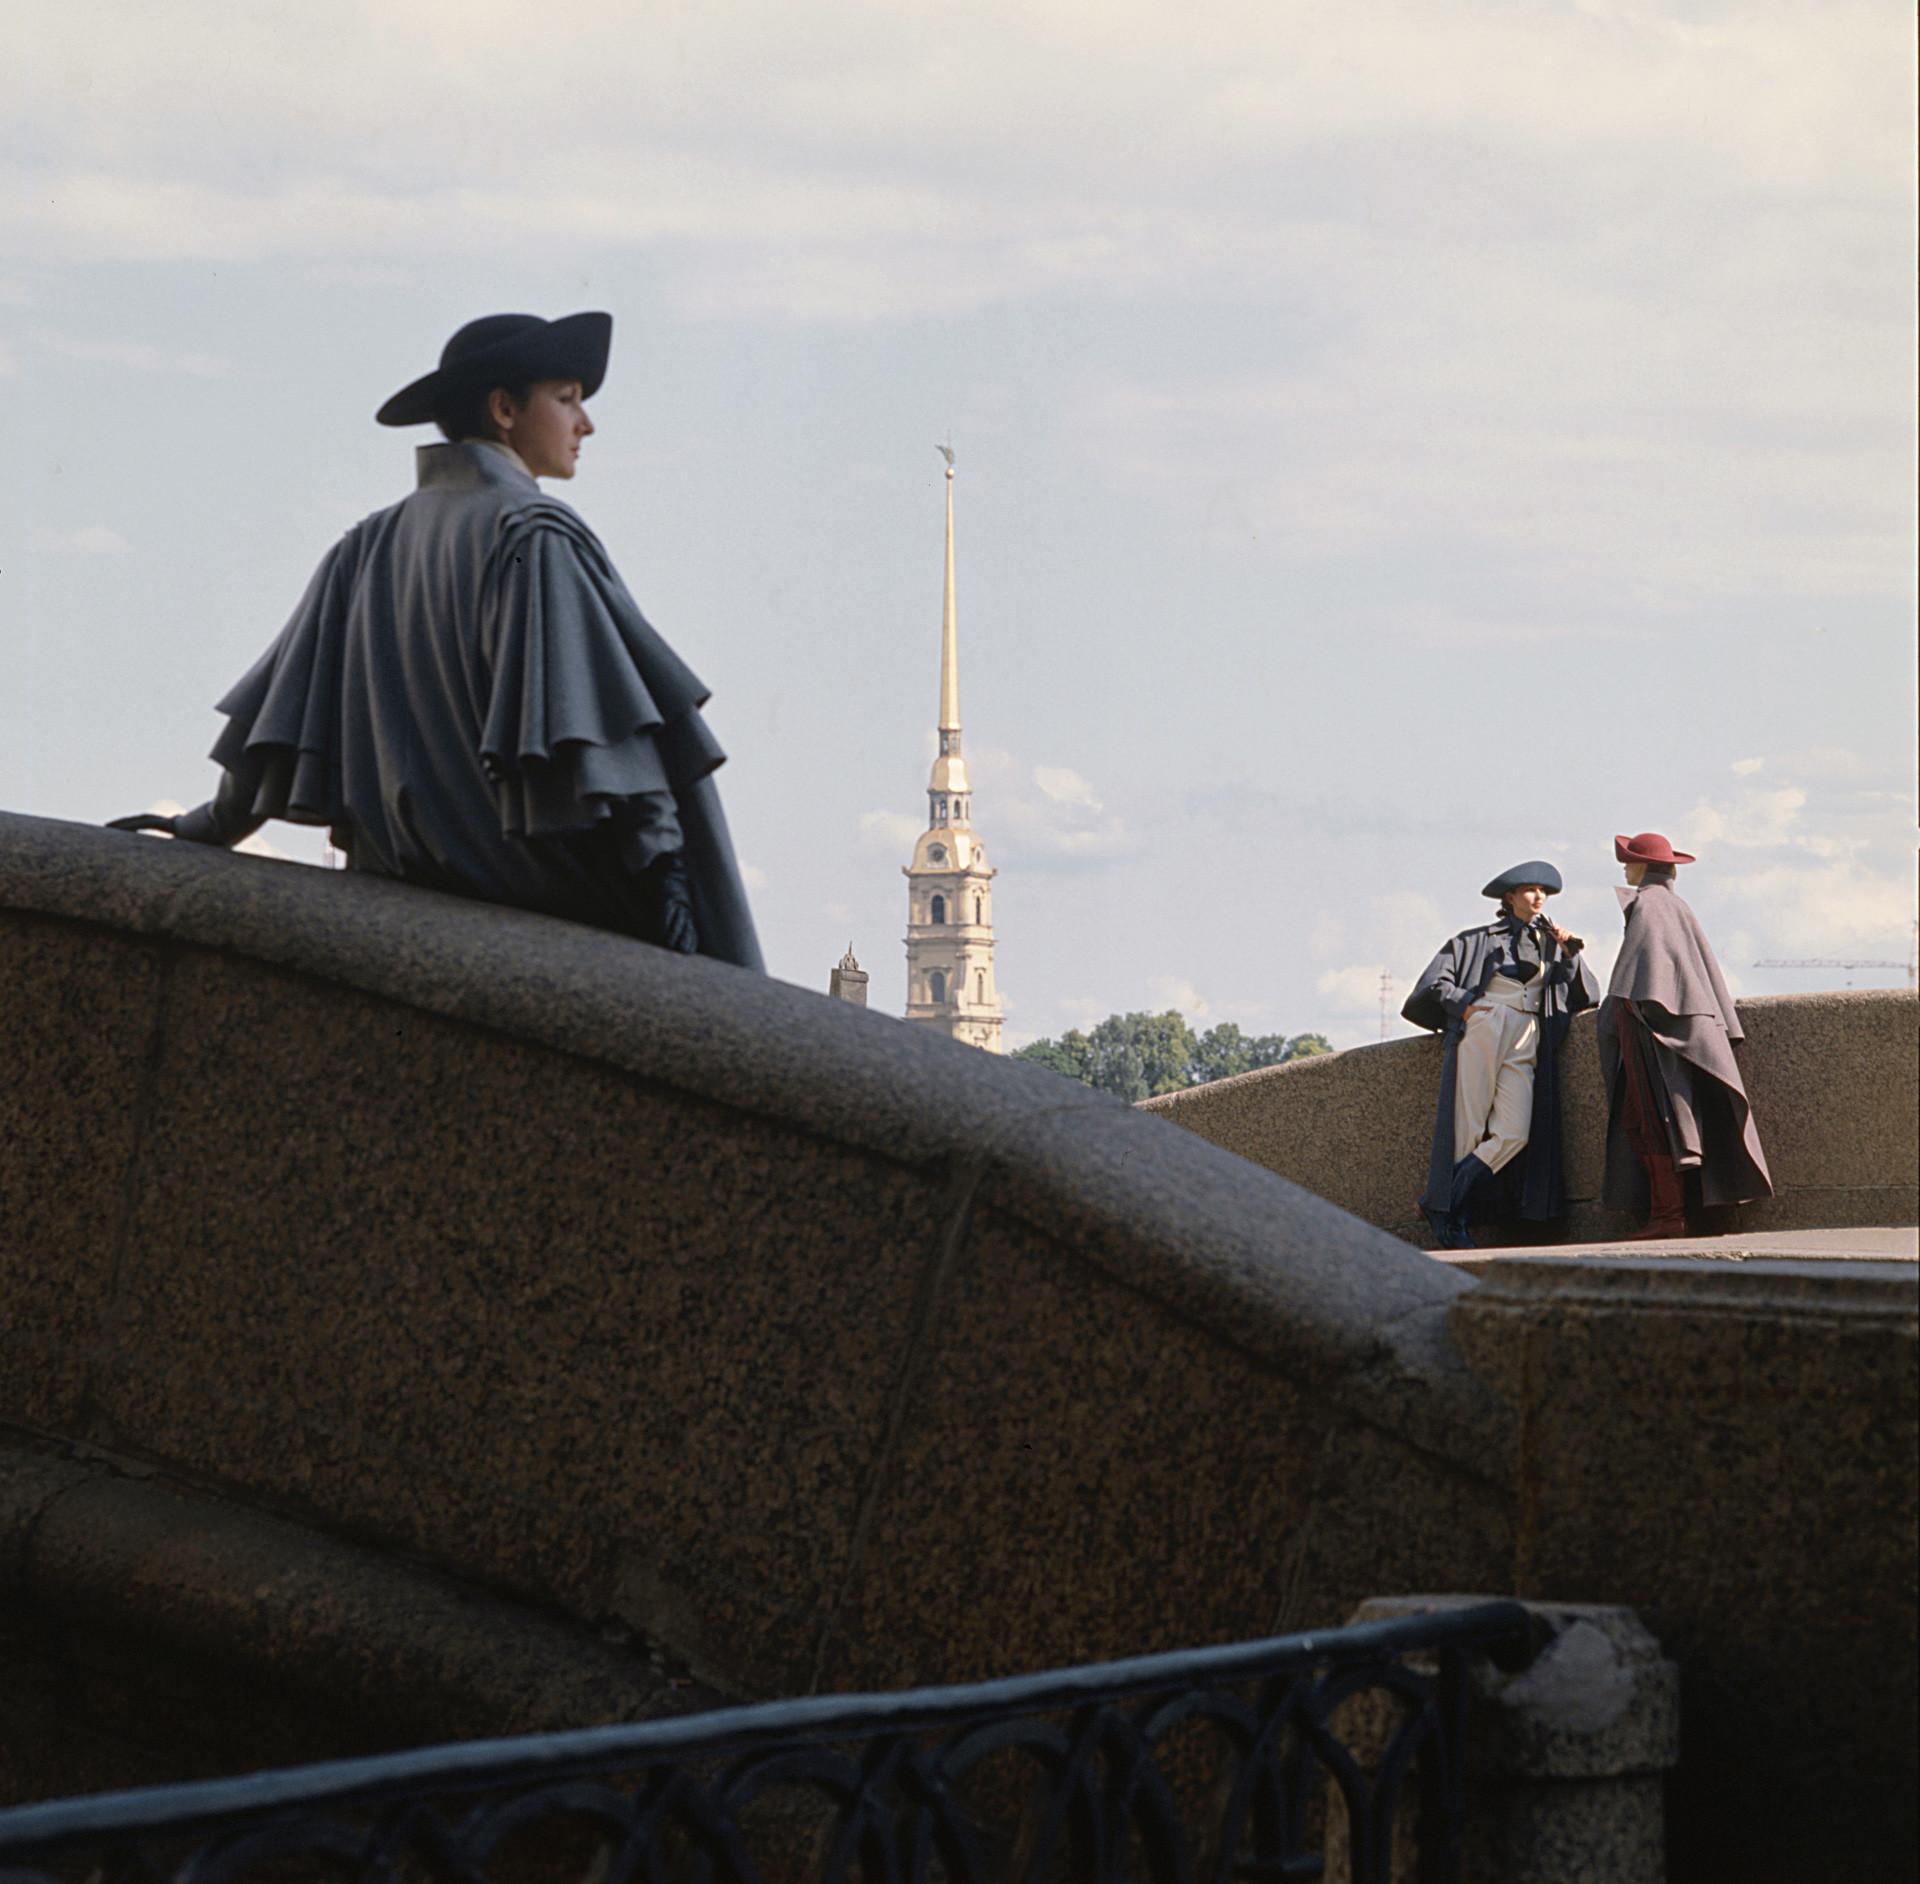 Casa de Modelos de Leningrado apresenta roupas em estilo retrô próximo ao edifício do Almirantado, 1984.